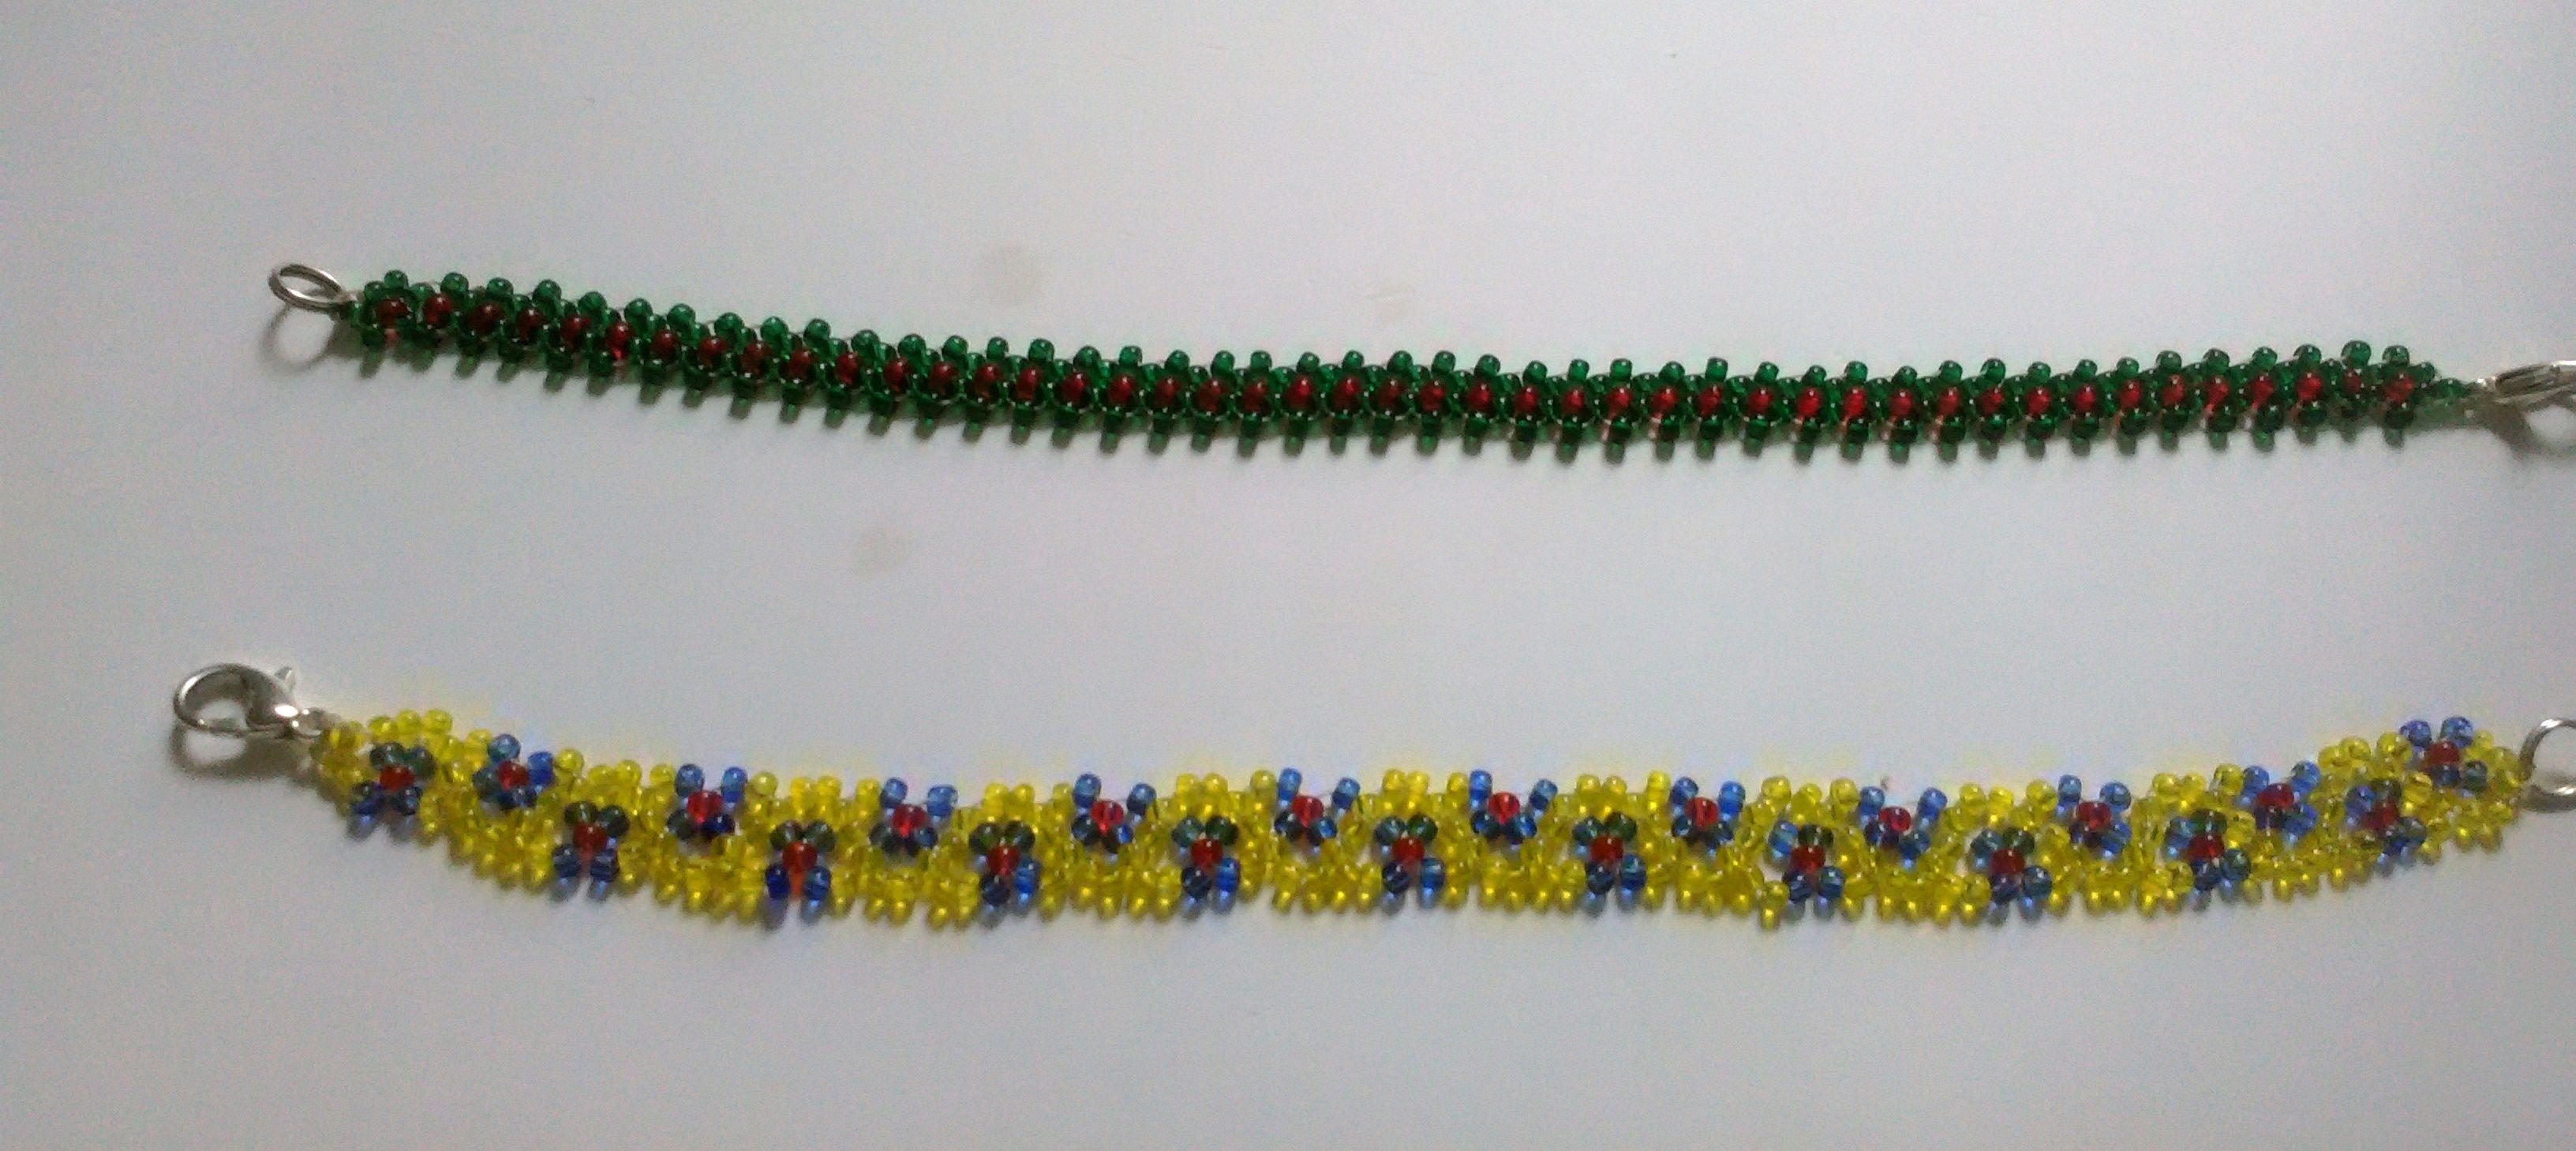 аксессуарыдетские детскиебраслеты минимализм избисера бисер браслеты бижутерия